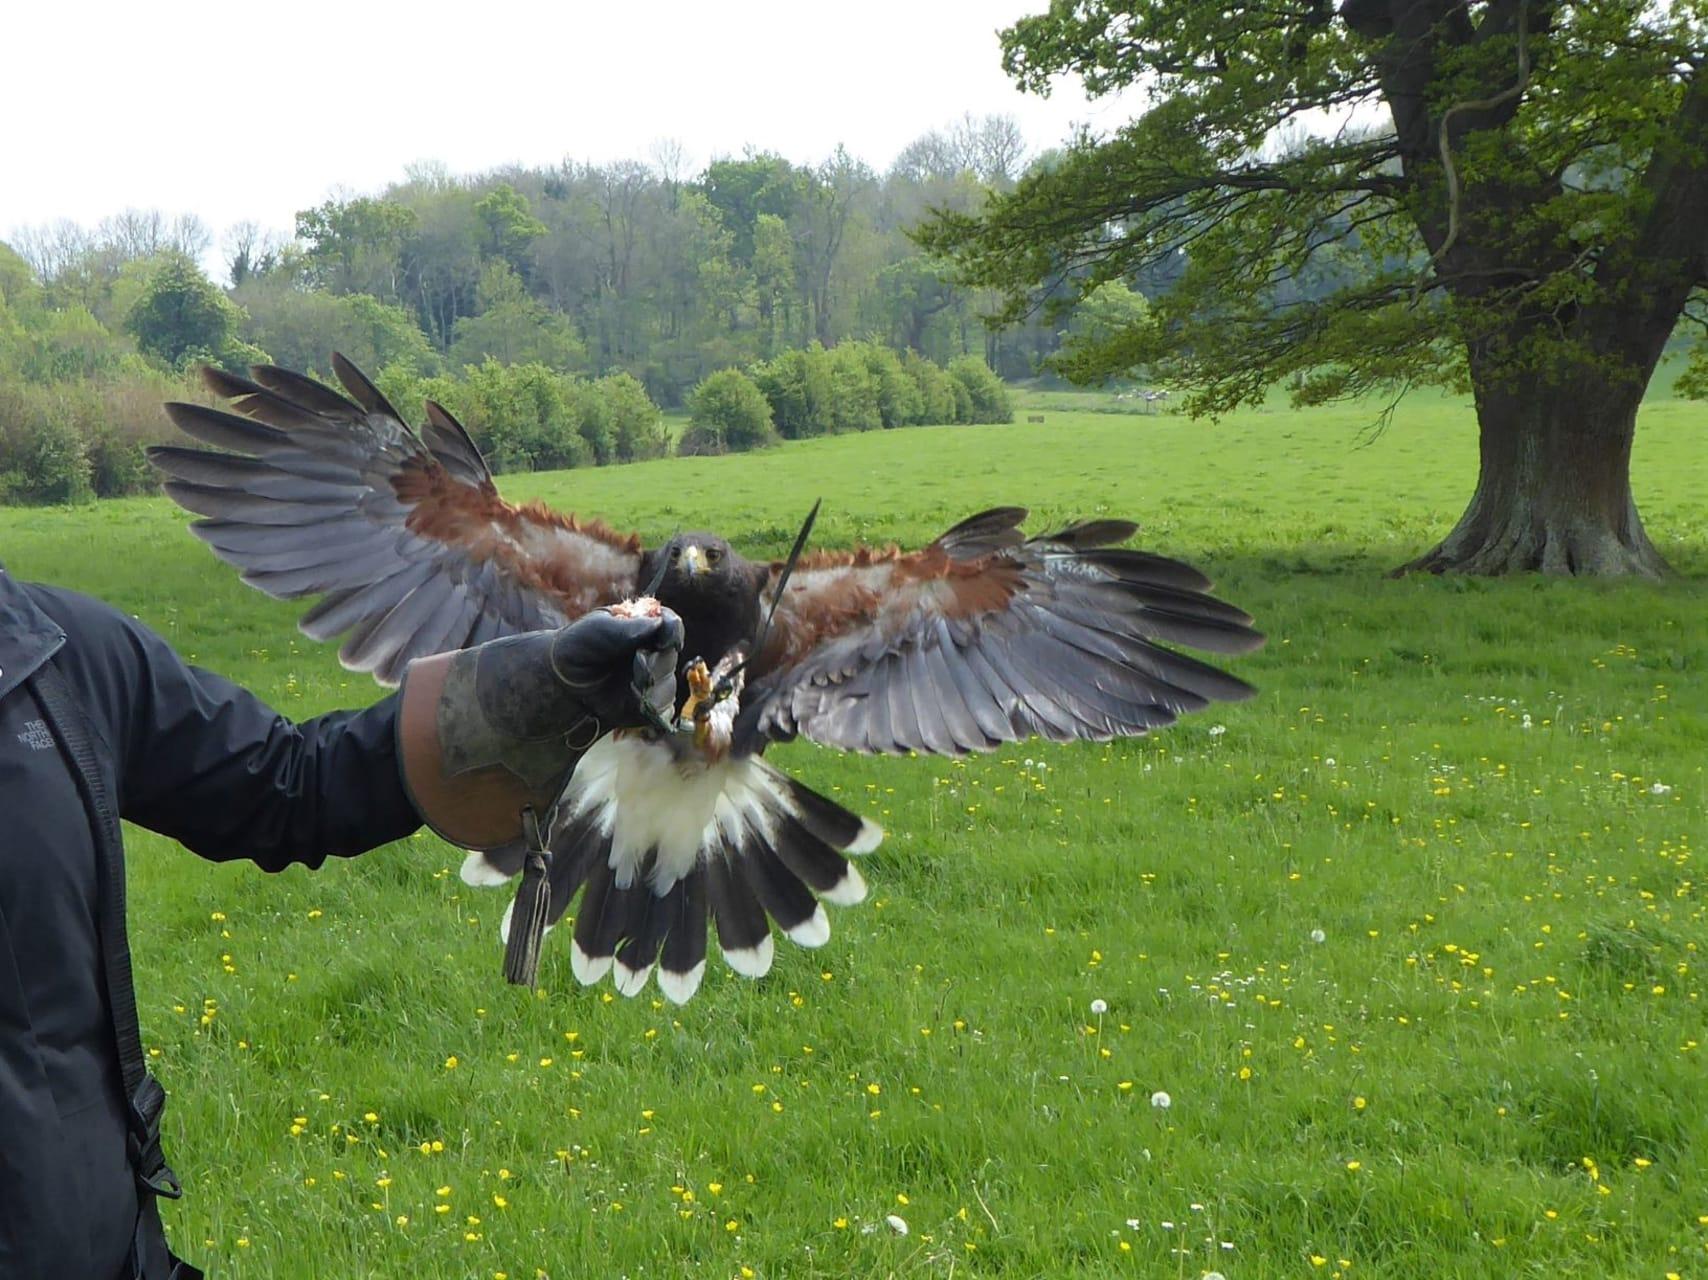 Bath - Bath - Hawk Flying in the Countryside